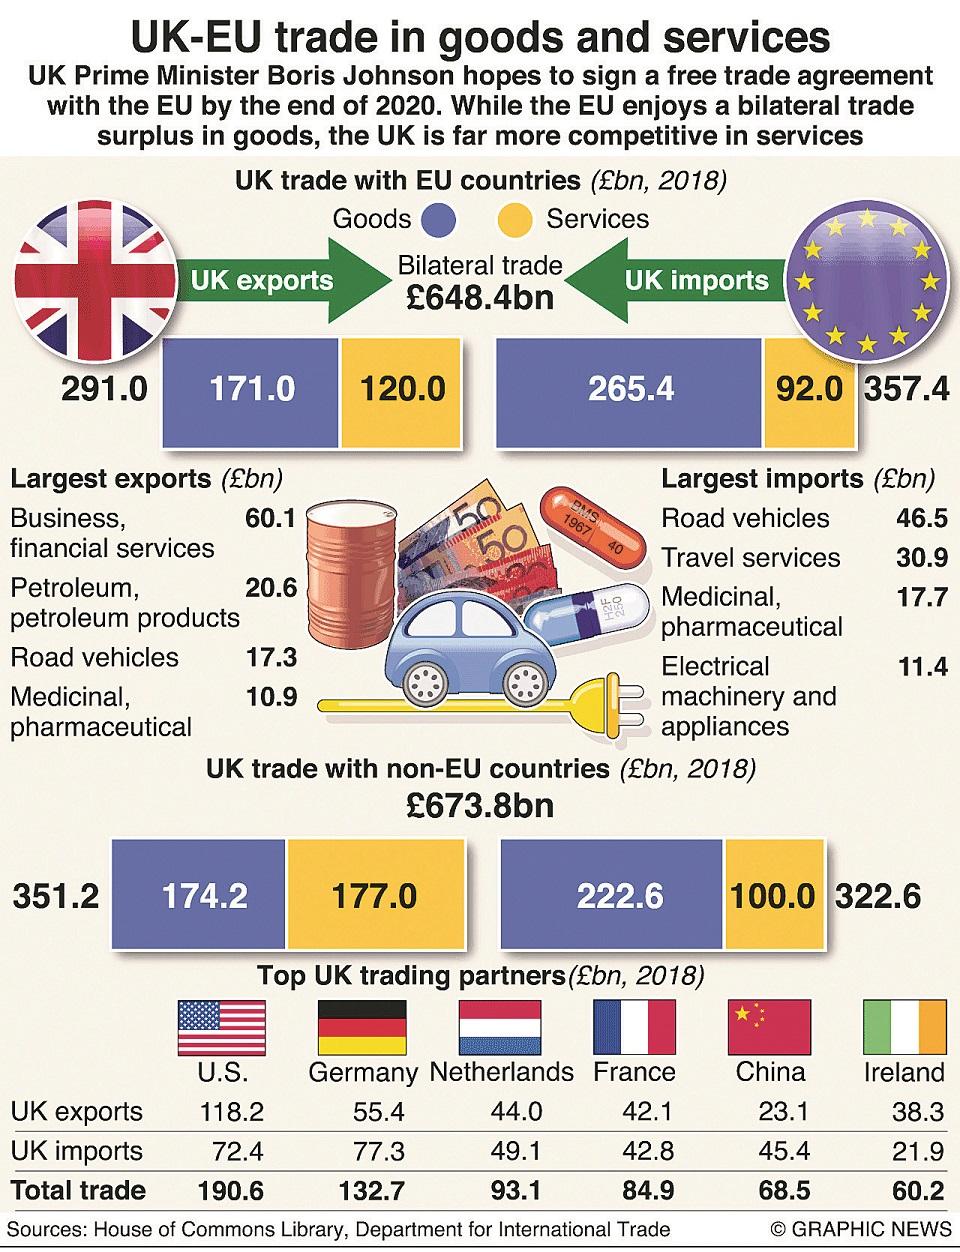 Trade between the UK and EU